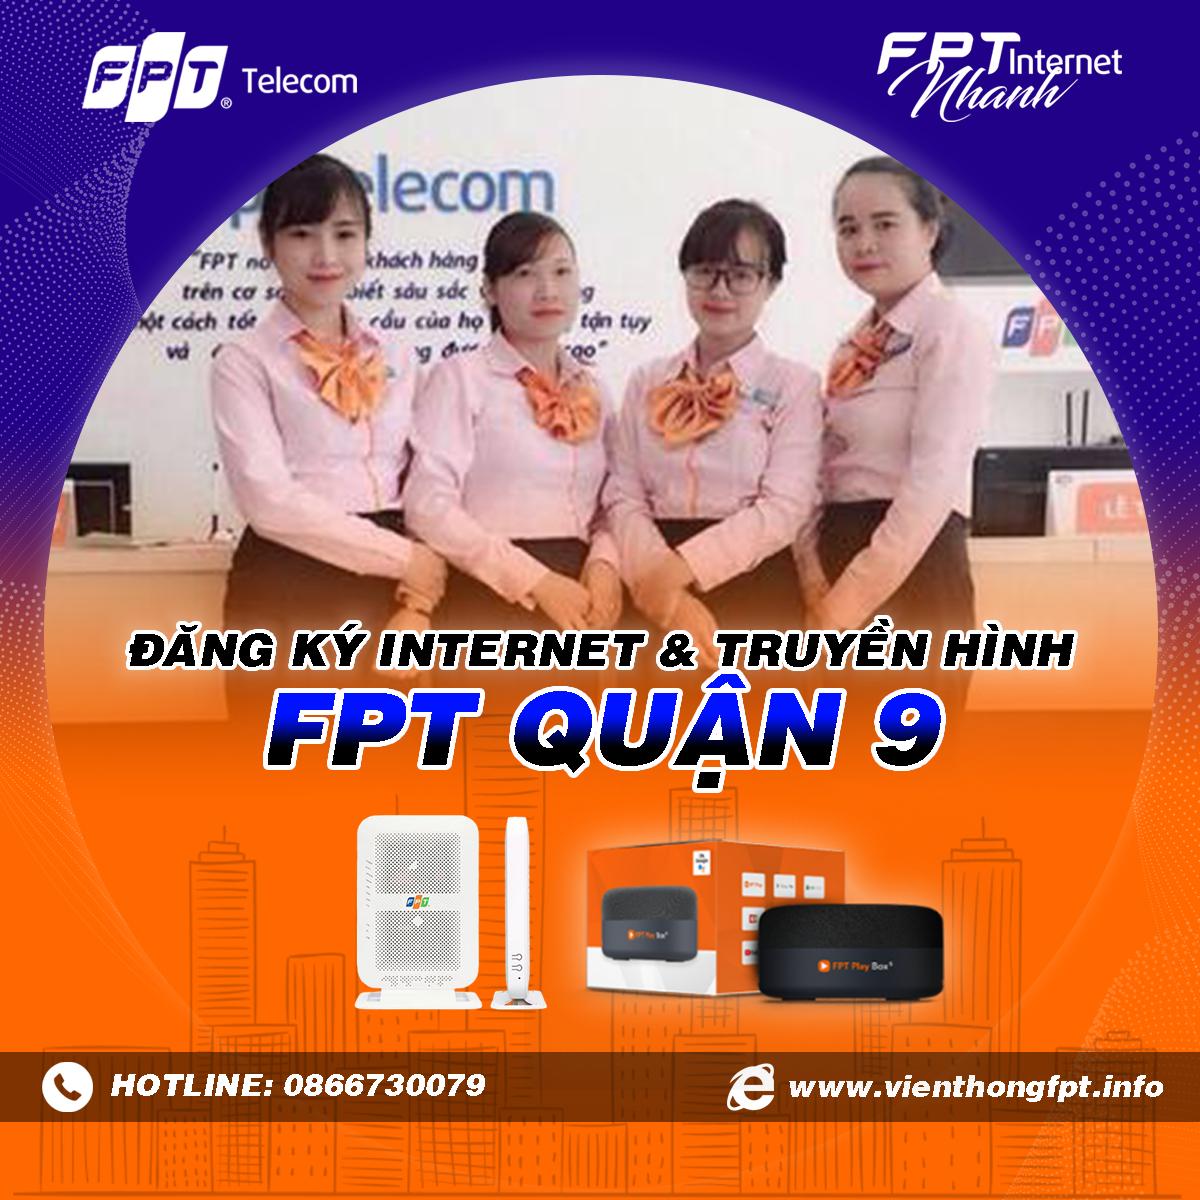 Chi nhánh FPT Quận 9 - Tổng đài lắp mạng Internet và Truyền hình FPT